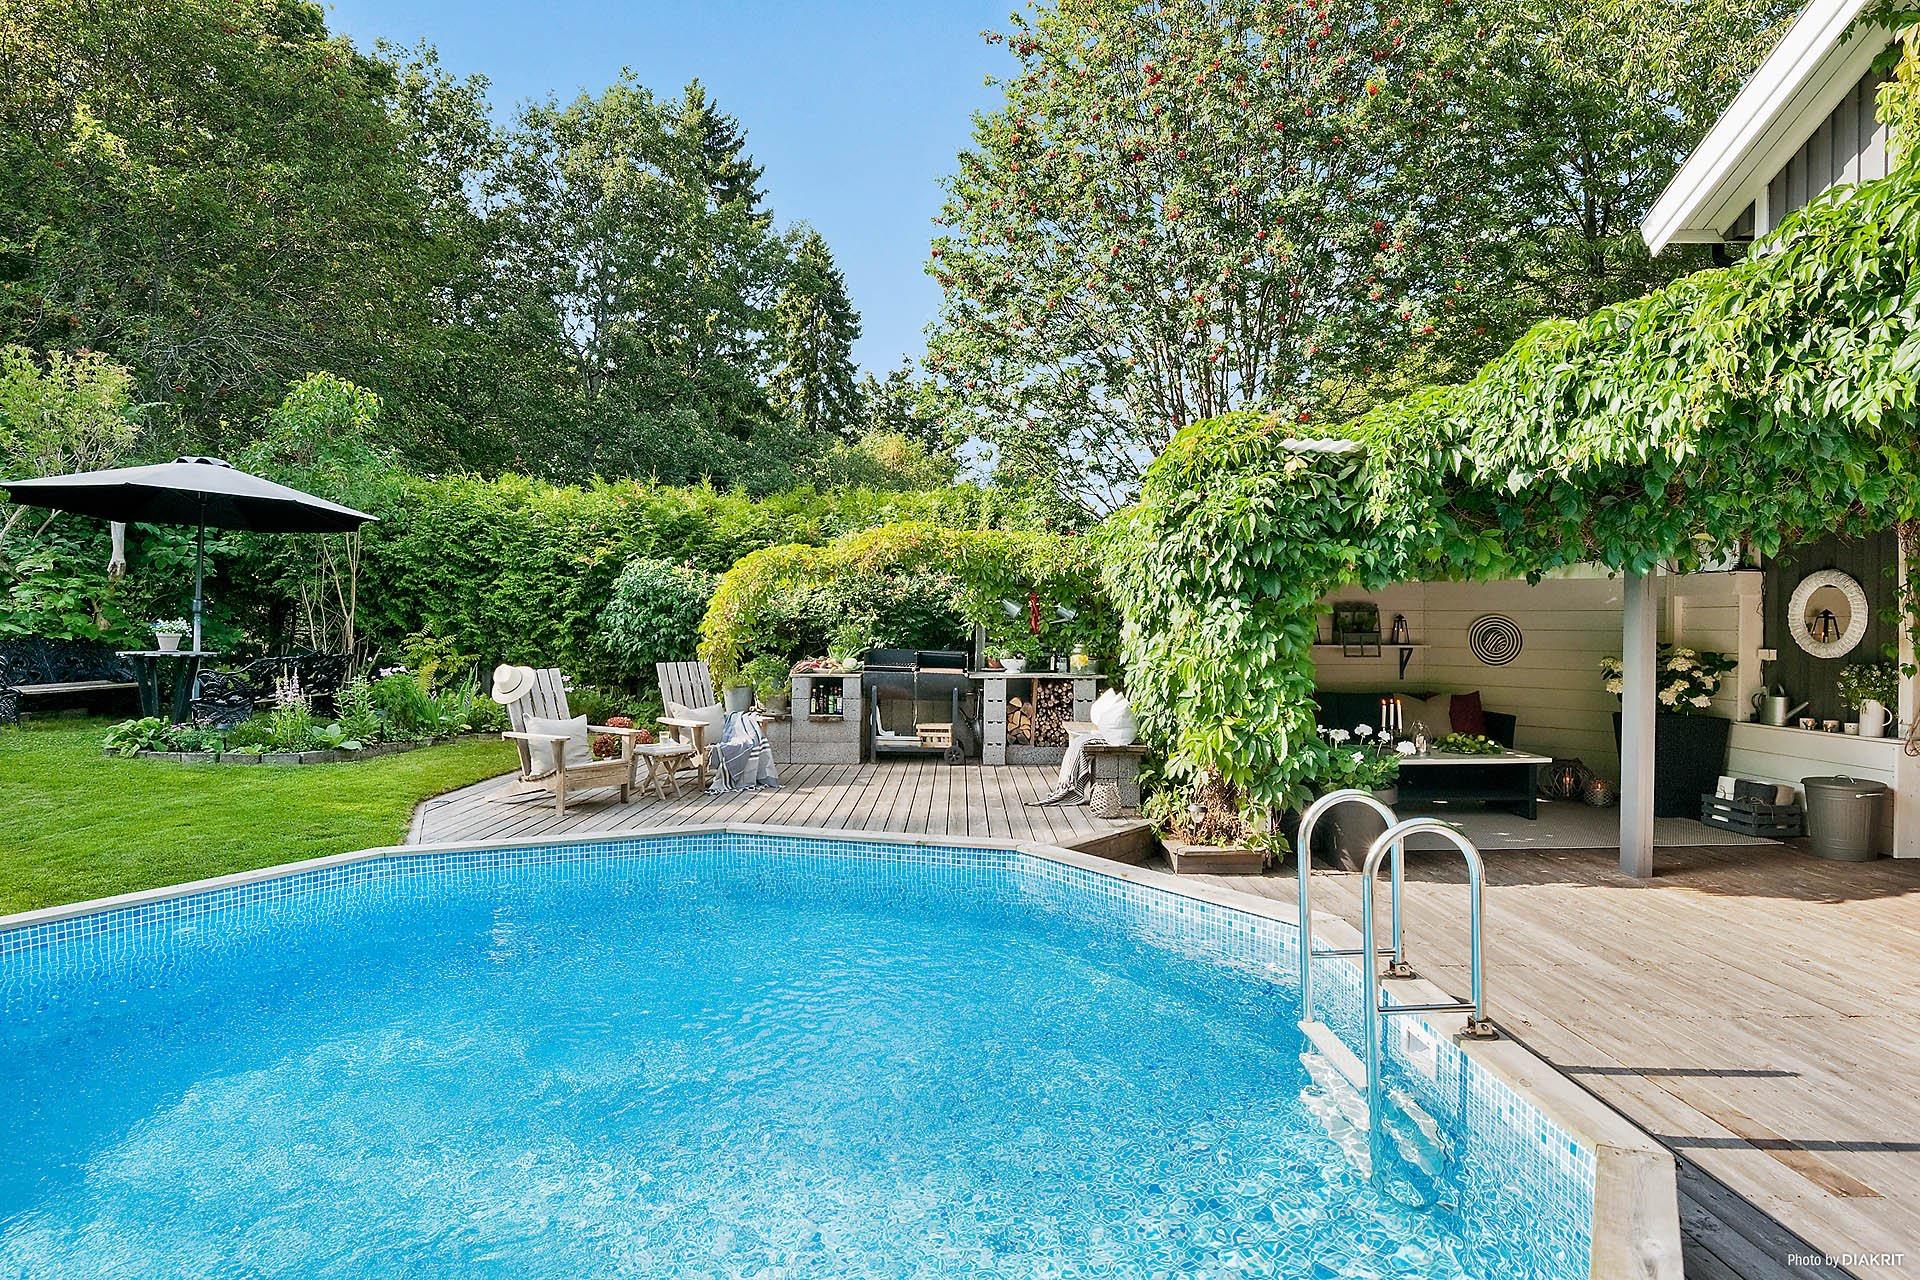 загородный дом бассейн деревянный настил терраса гриль